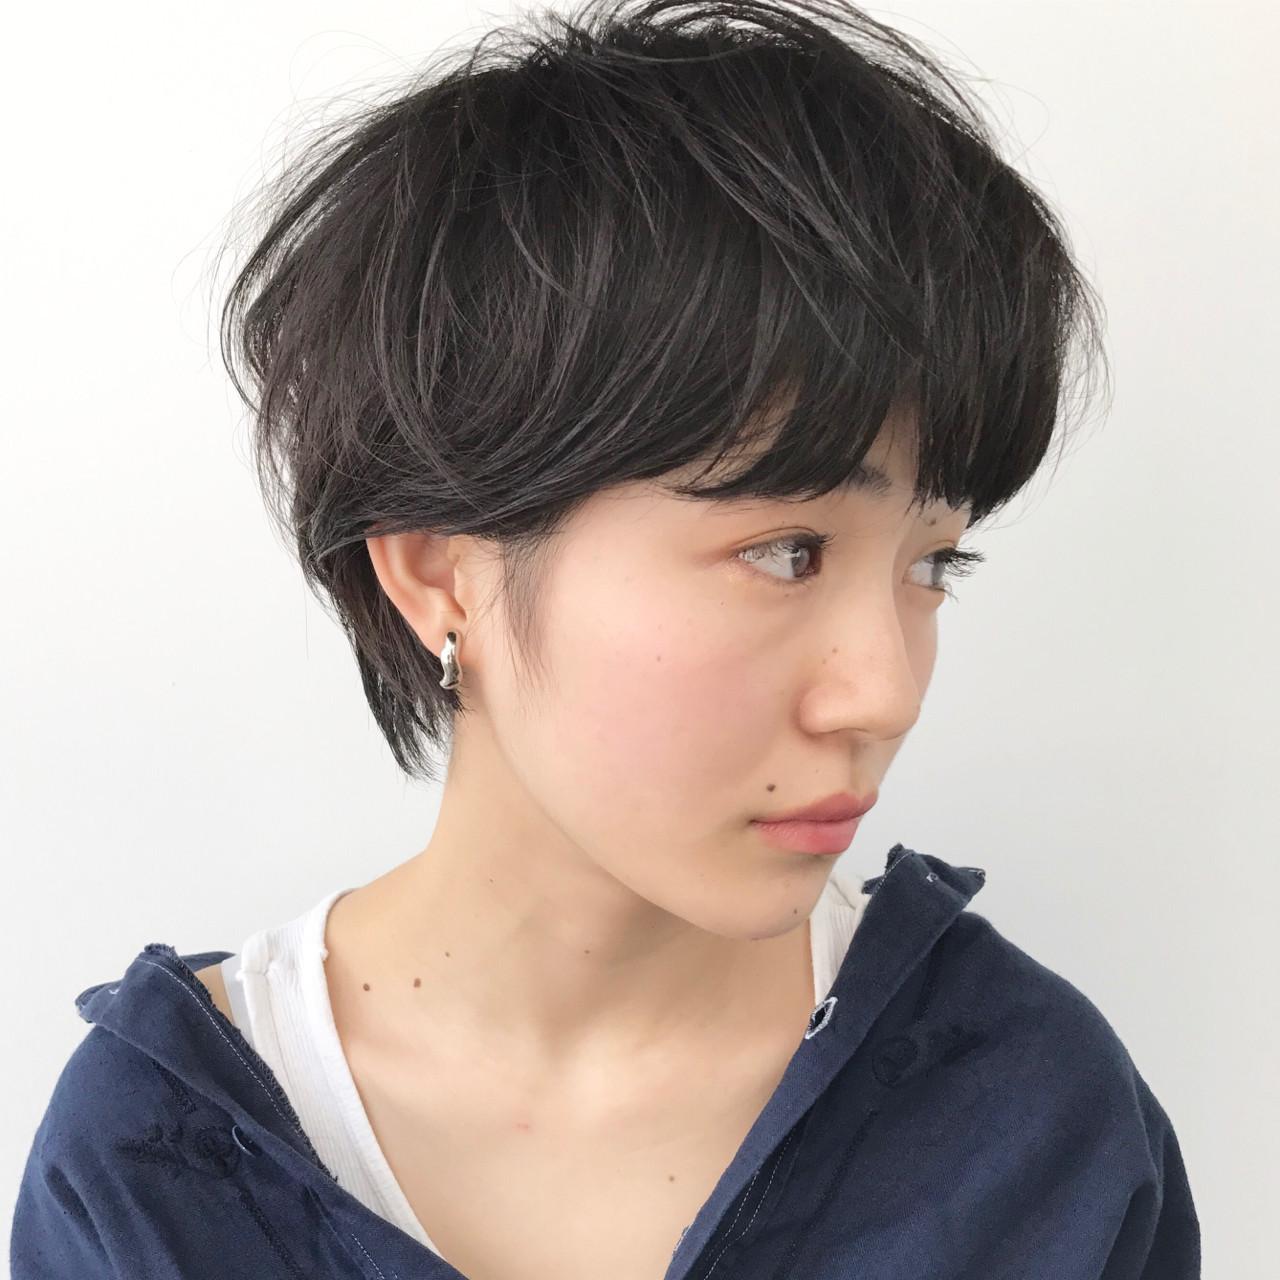 ナチュラル ブリーチ グレー ショート ヘアスタイルや髪型の写真・画像